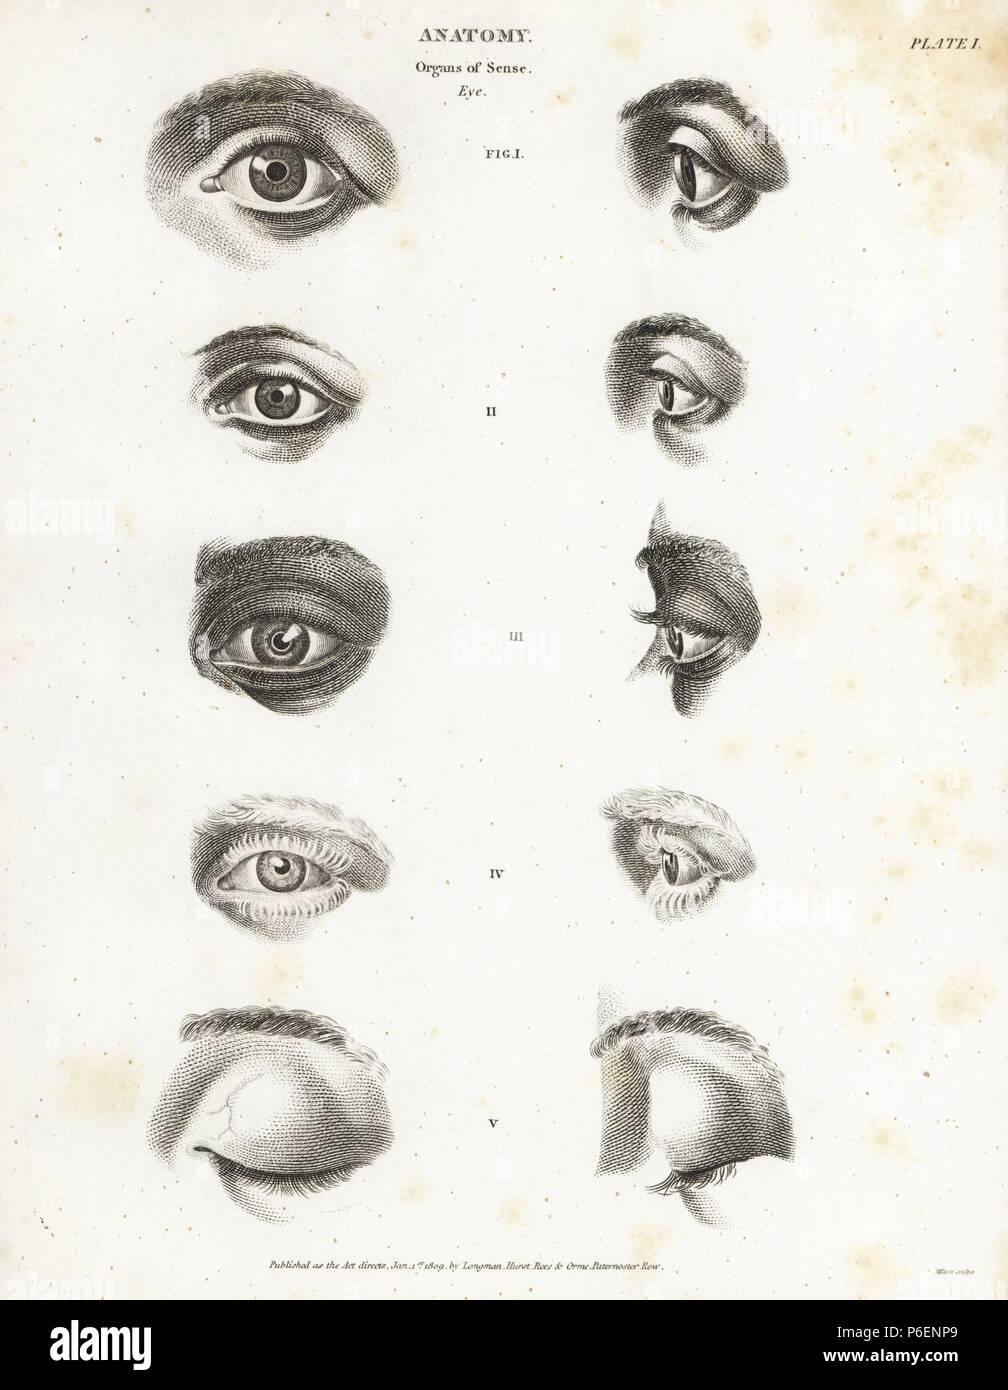 Anatomy Of The Human Eye Showing Eyeball Brow Eyelash Eyelid